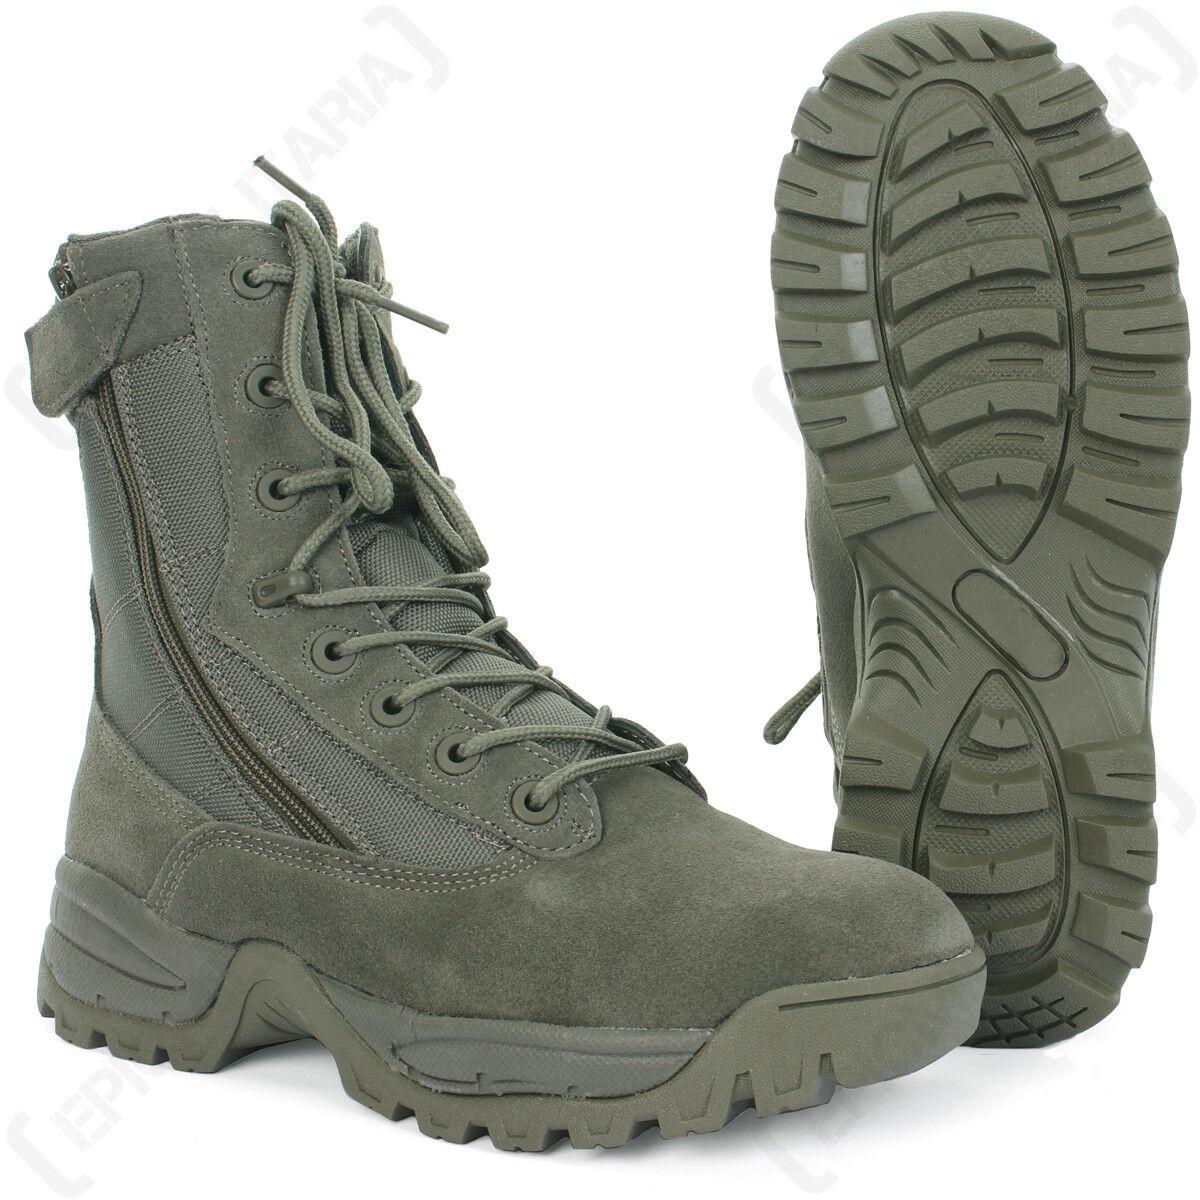 Stivali 2 dell'esercito tattico fogliame - 2 Stivali CERNIERE-Tan Militare All'aperto Scarpe Tutte Le Taglie NUOVO eeb84e